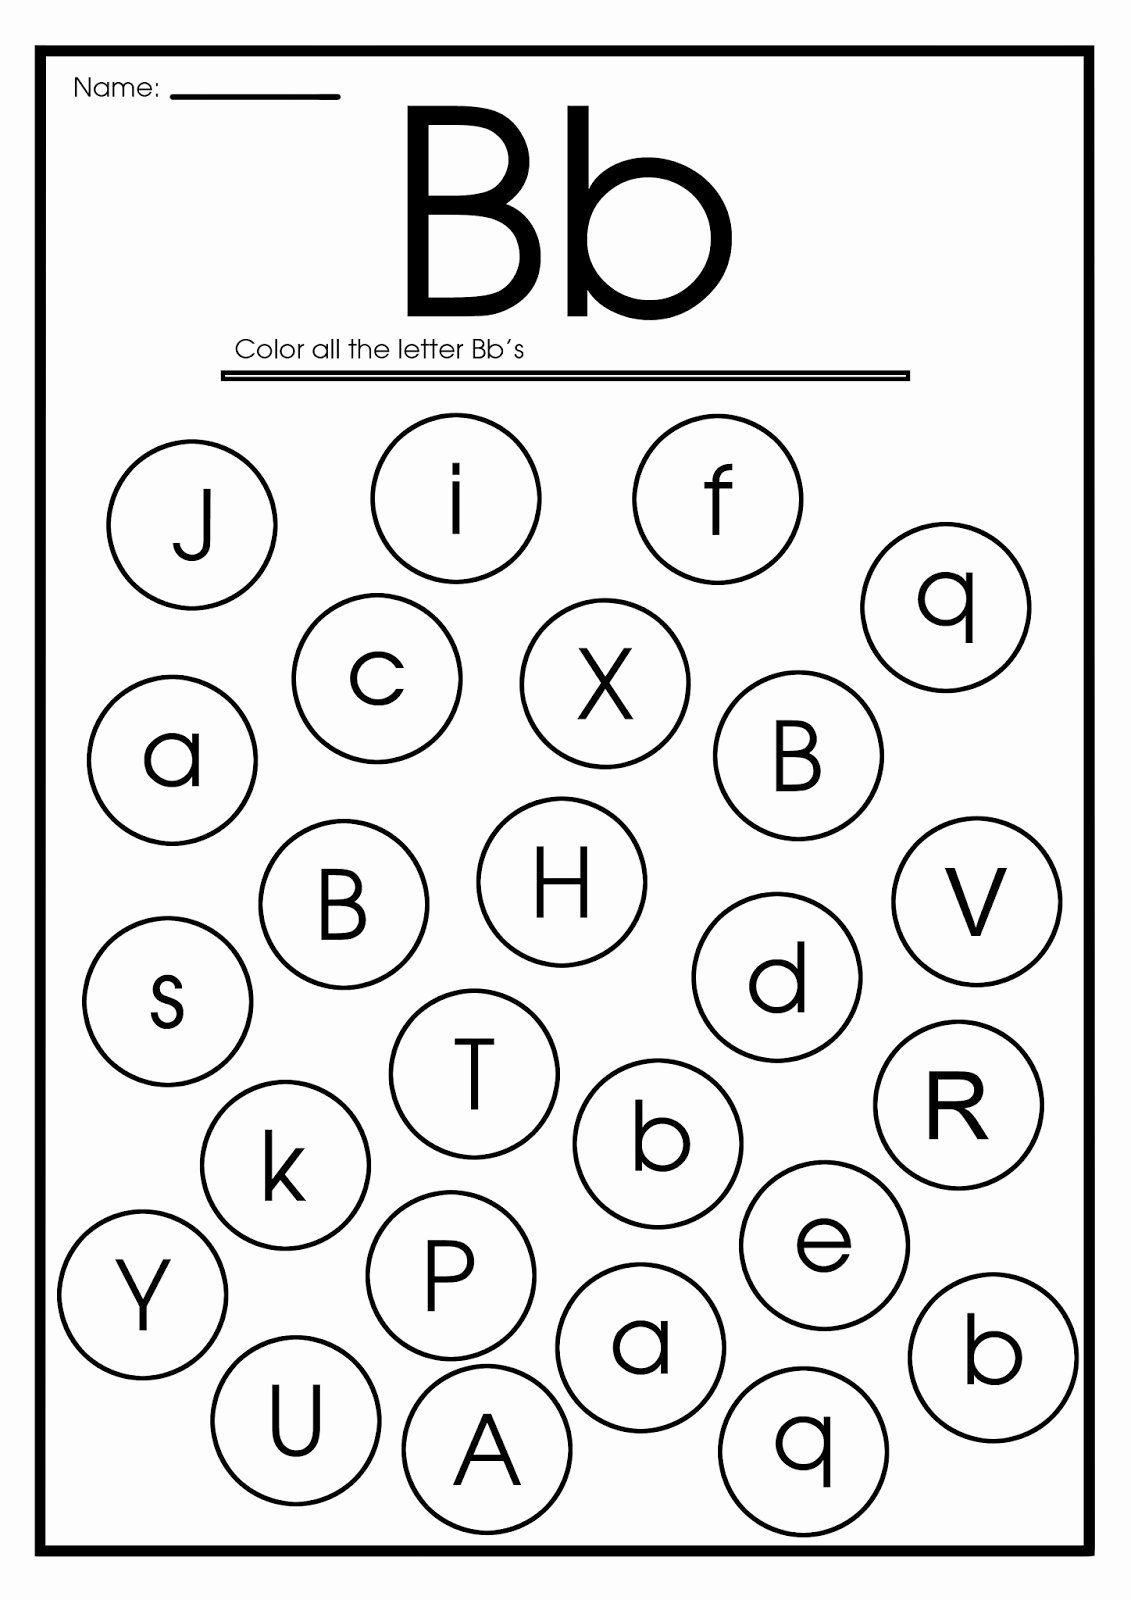 Letter B Printable Lovely Letter B Worksheets Flash Cards Coloring Pages Letter B Worksheets Letter Worksheets Phonics Worksheets